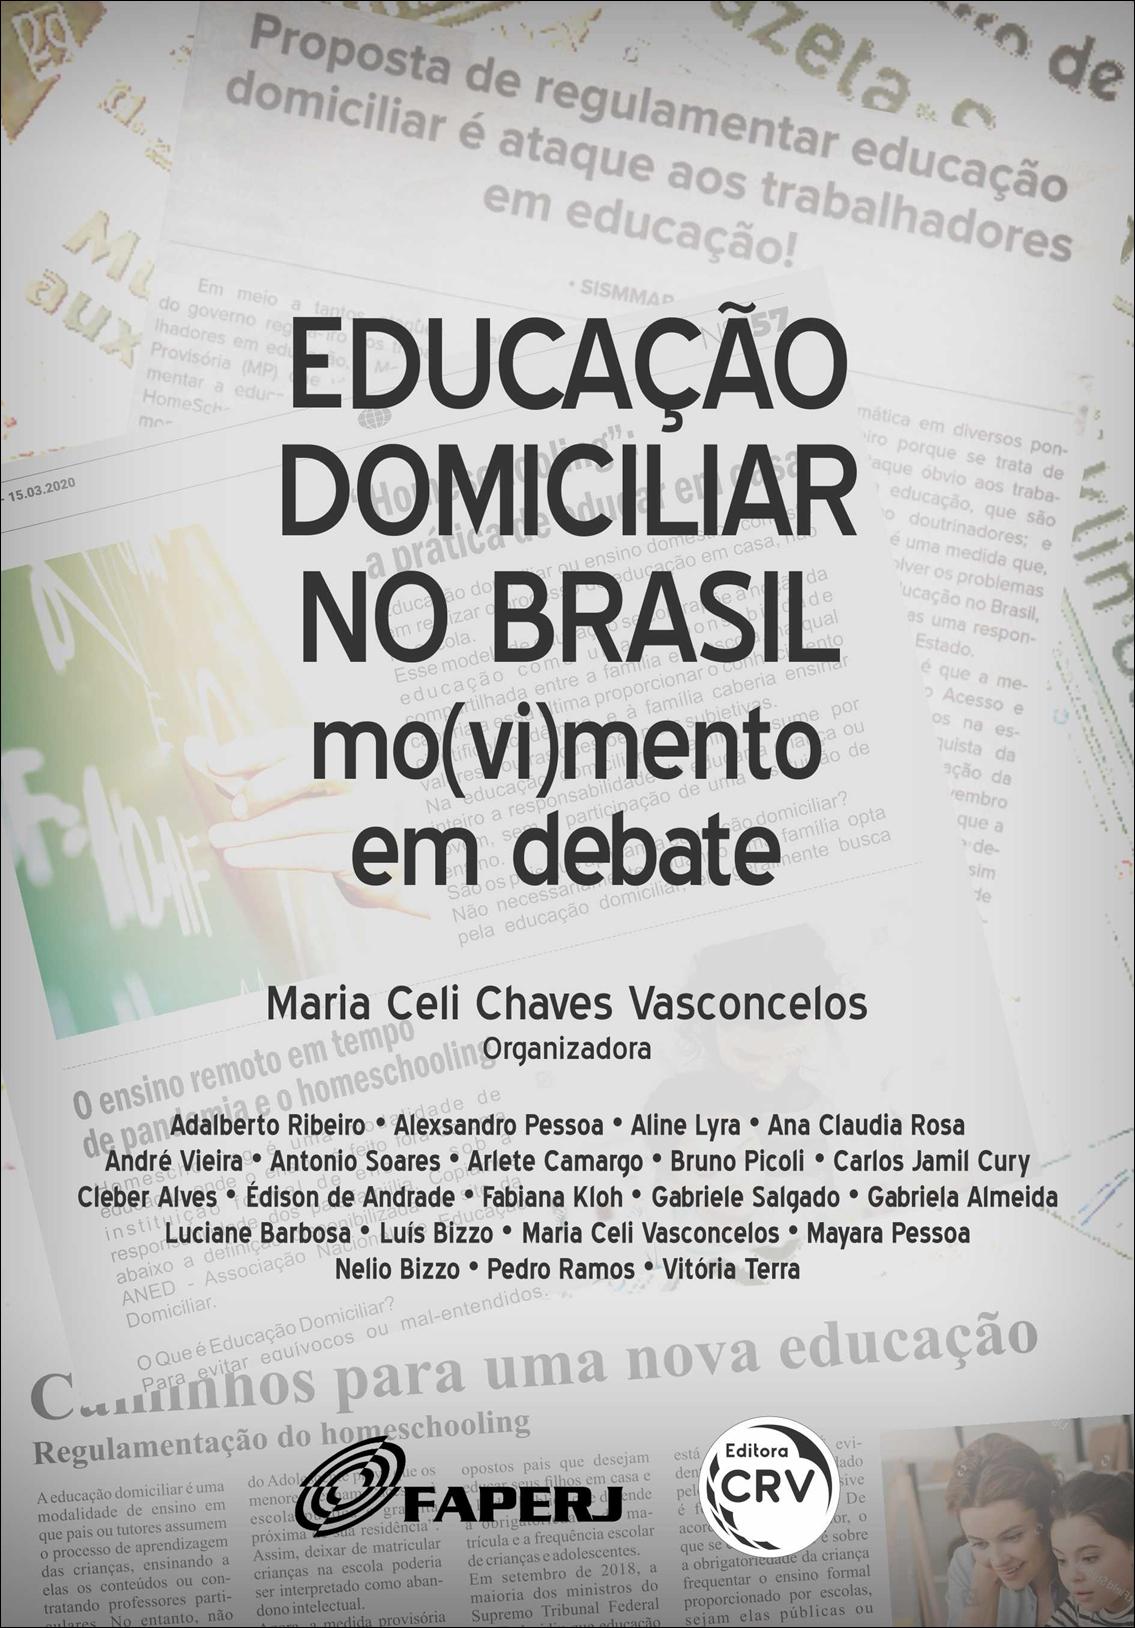 Capa do livro: EDUCAÇÃO DOMICILIAR NO BRASIL: <br>mo(vi)mento em debate